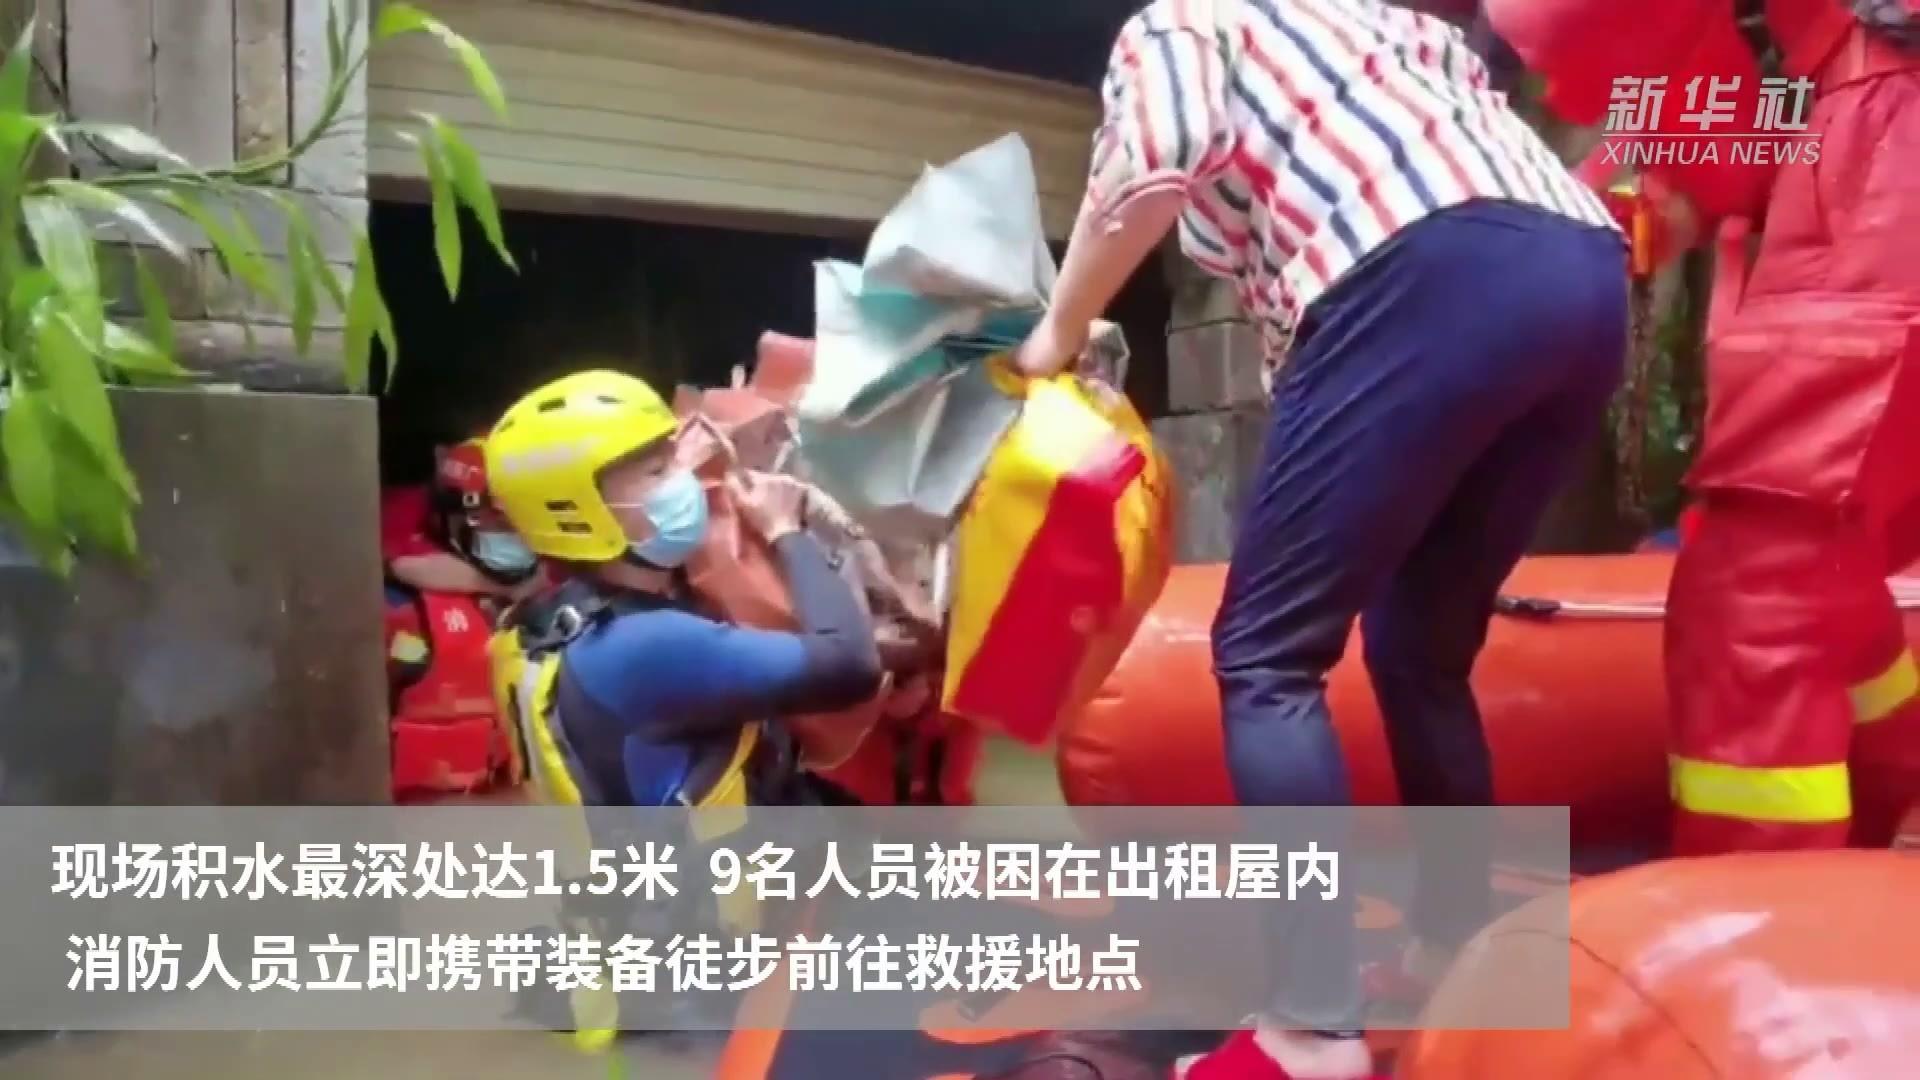 广东深圳:连日暴雨导致积水 消防紧急出动施救被困群众